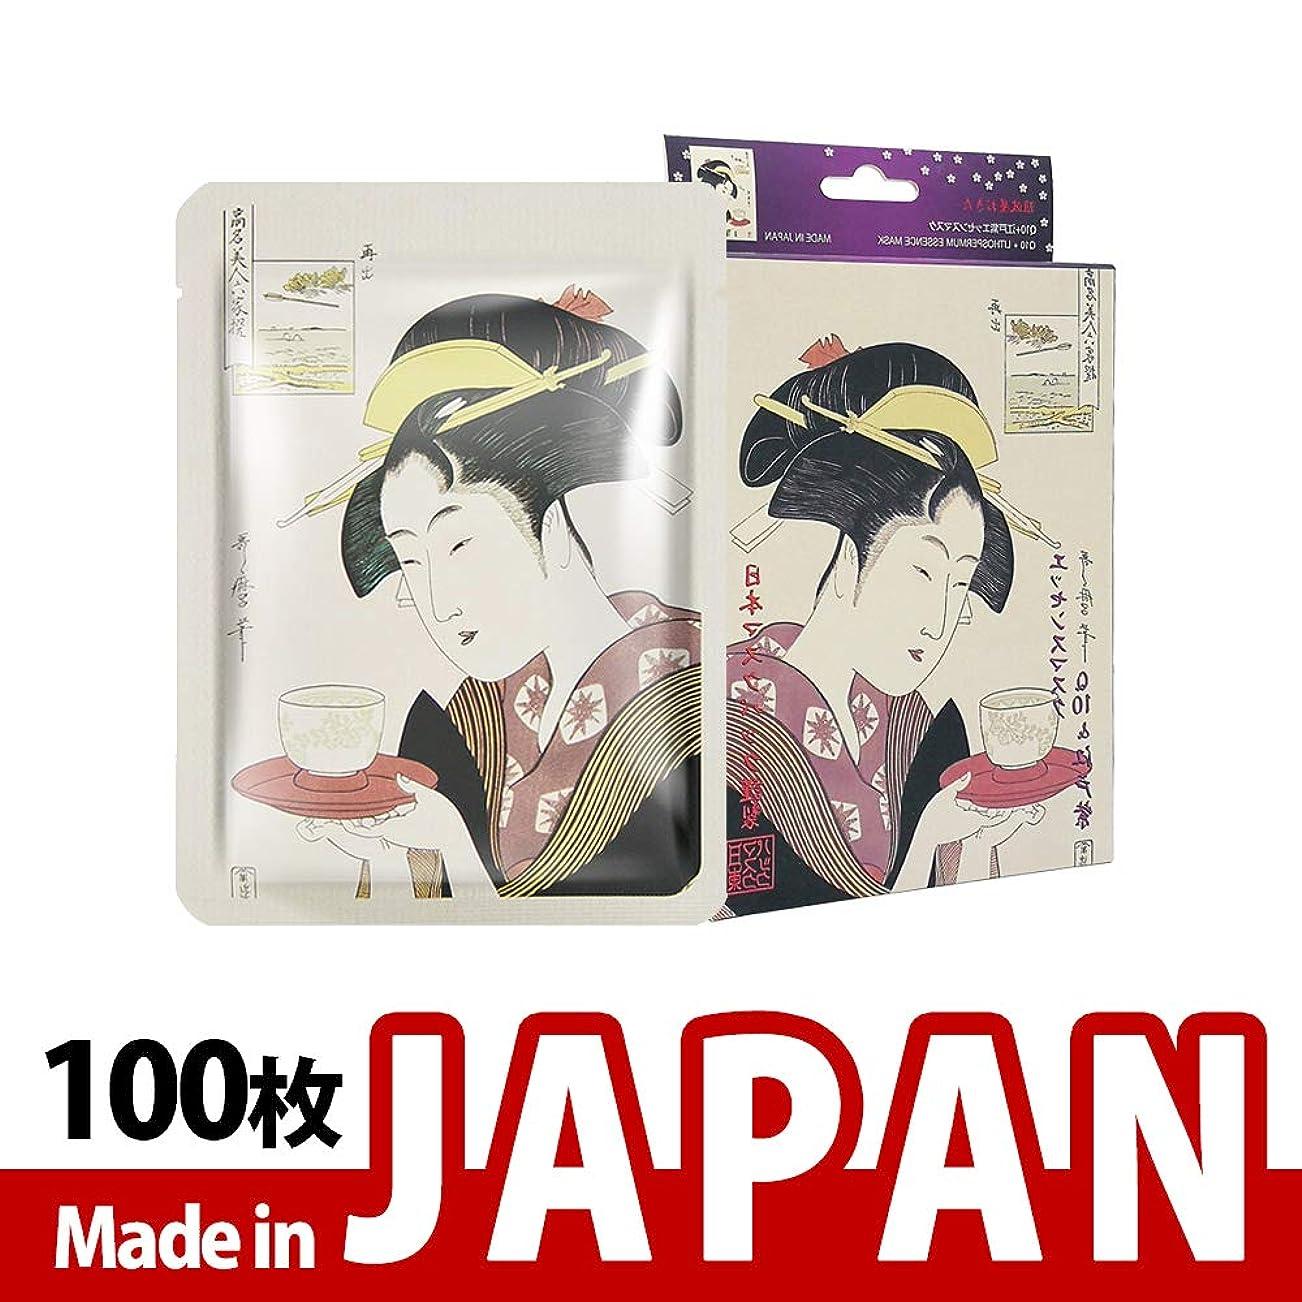 こんにちはドリル労働【JP002-A-1】シートマスク/10枚入り/100枚/美容液/マスクパック/送料無料